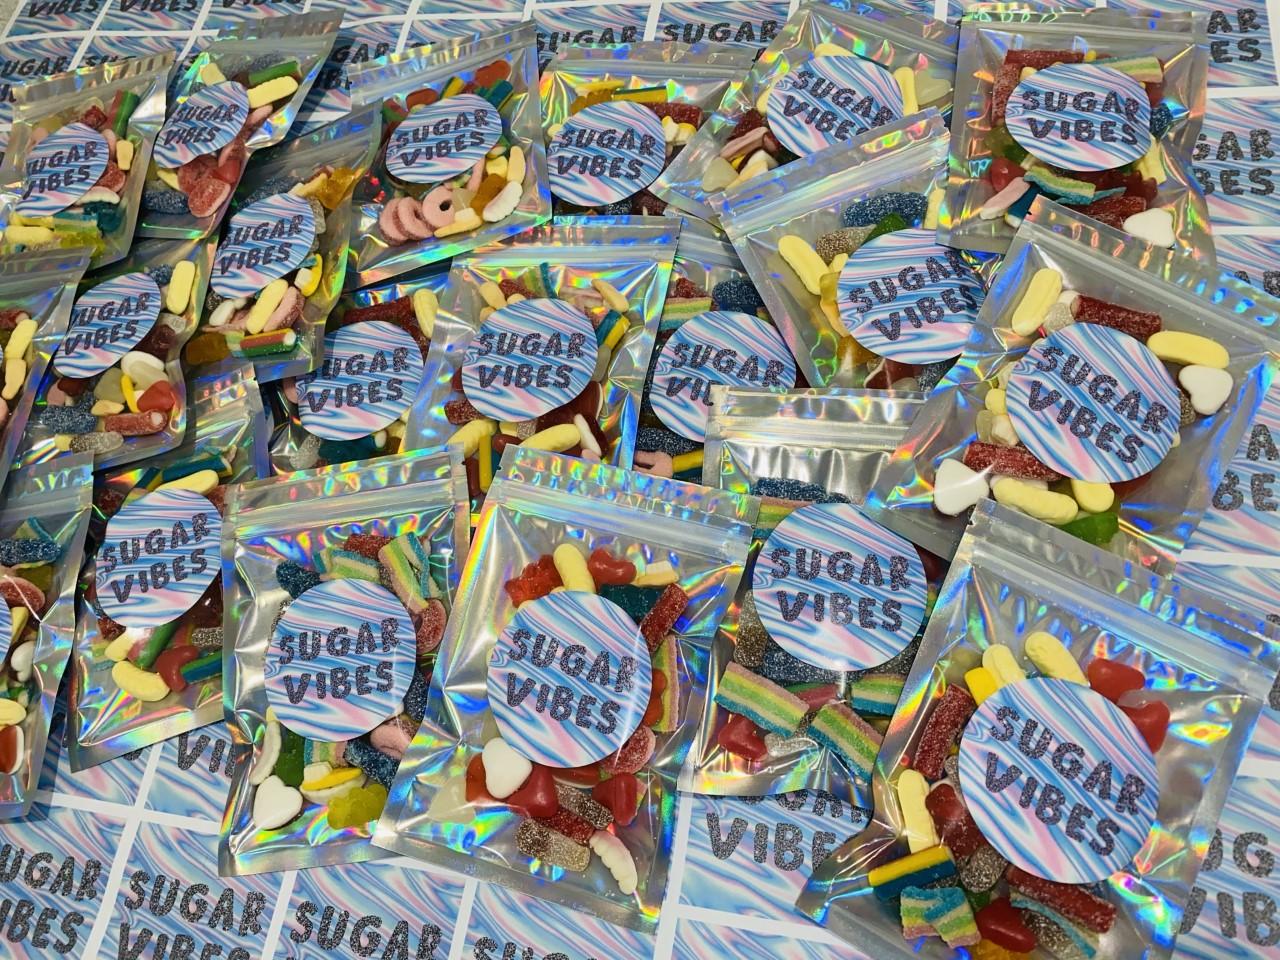 Sugar Vibes pic 2